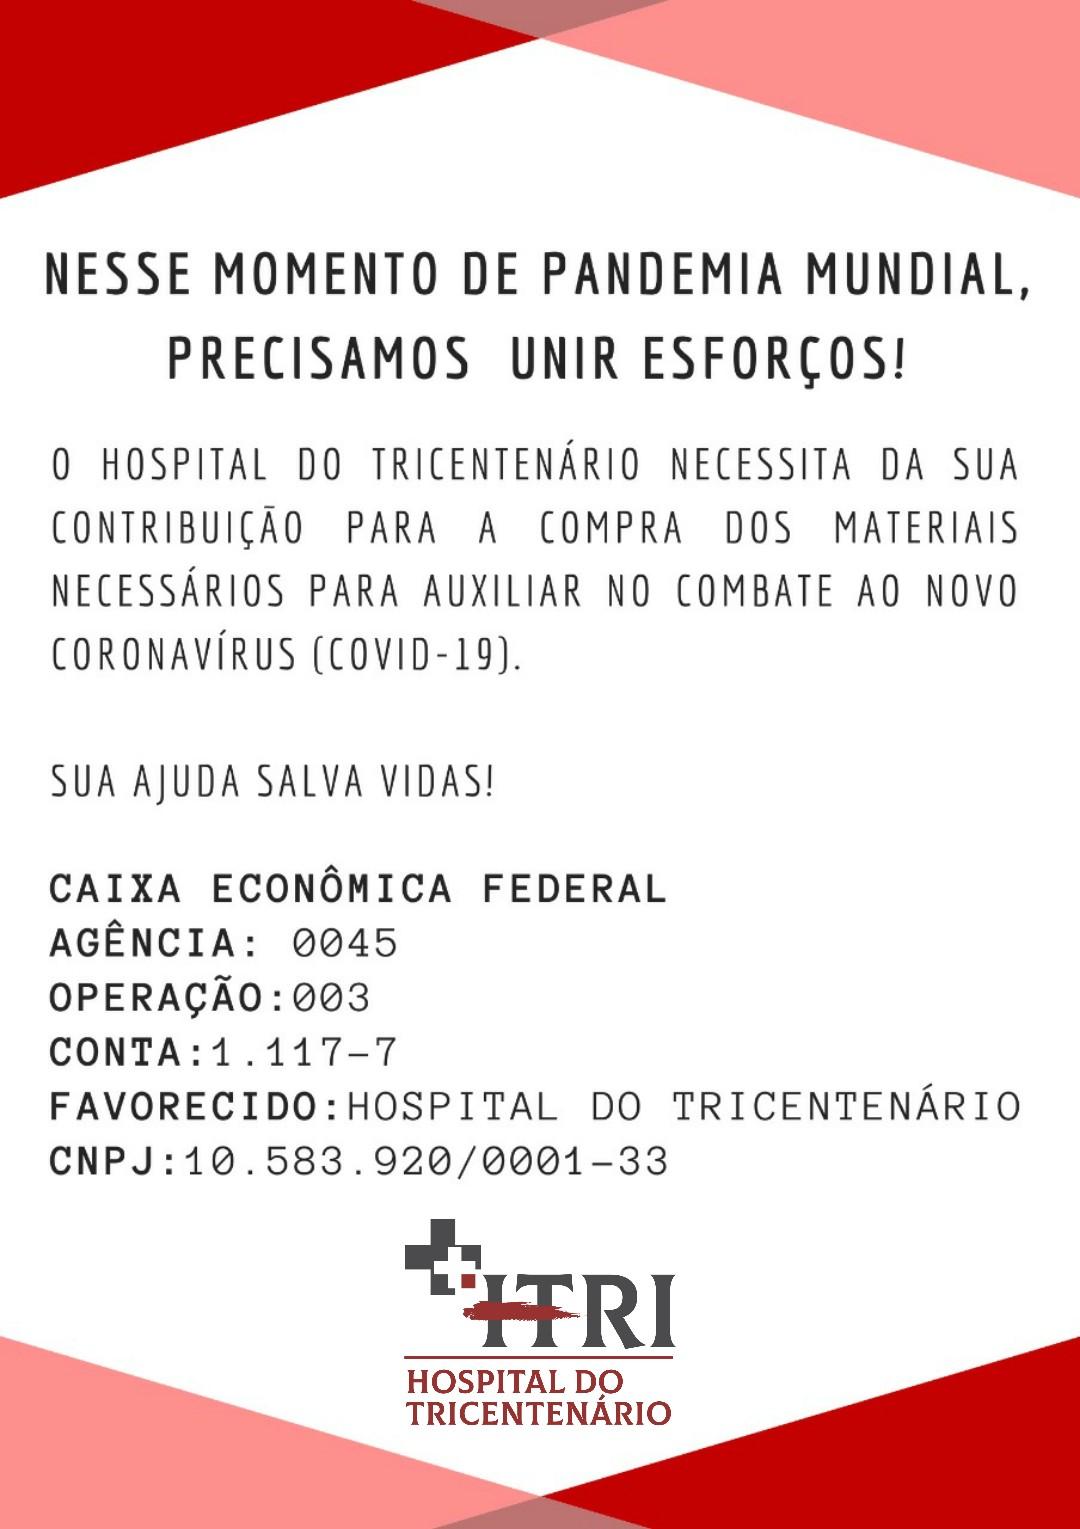 O Hospital do Tricentenário precisa da sua contribuição